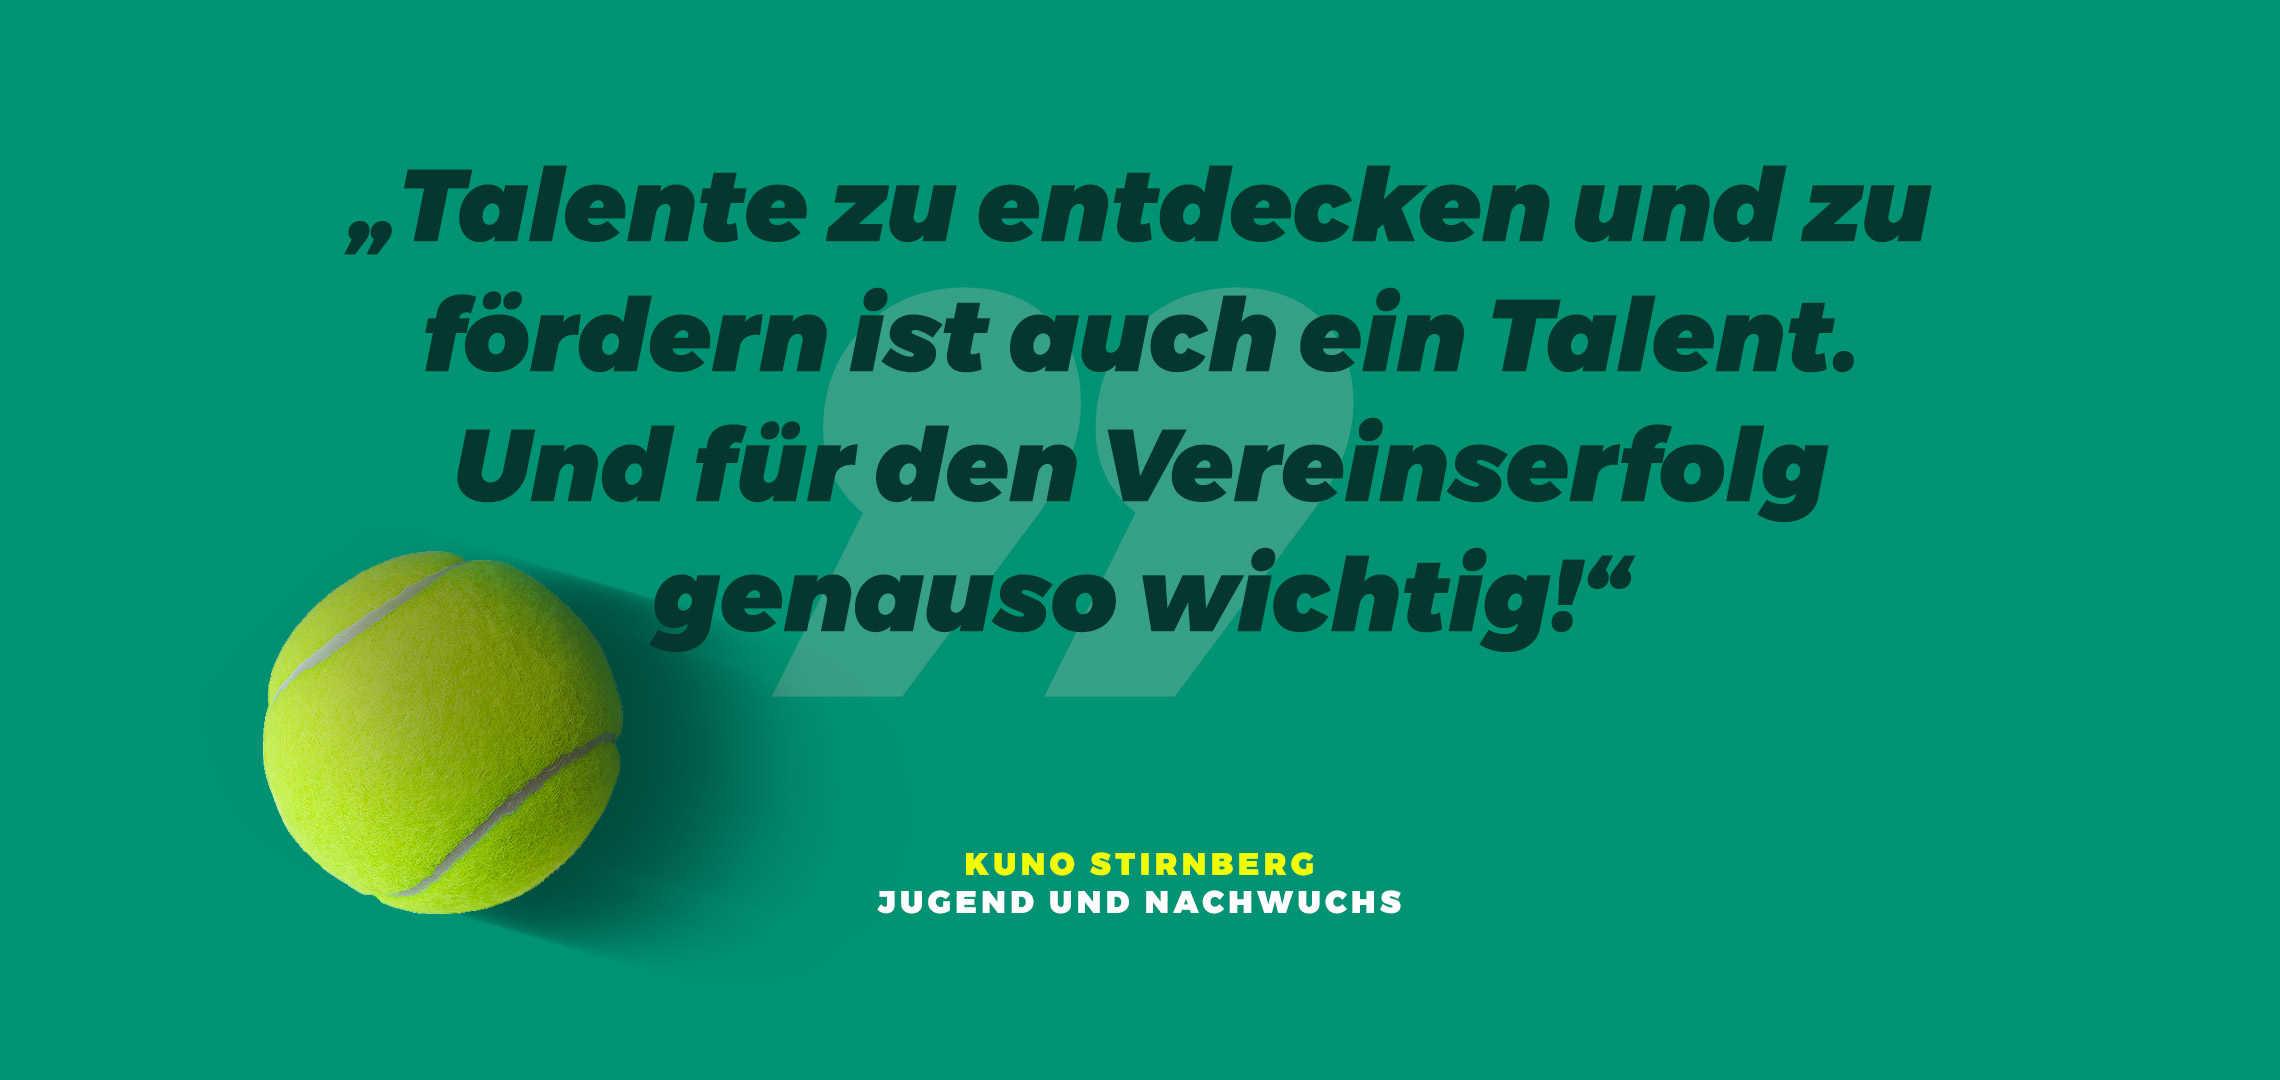 Ehrenamt Tennisverband Mittelrhein Ev